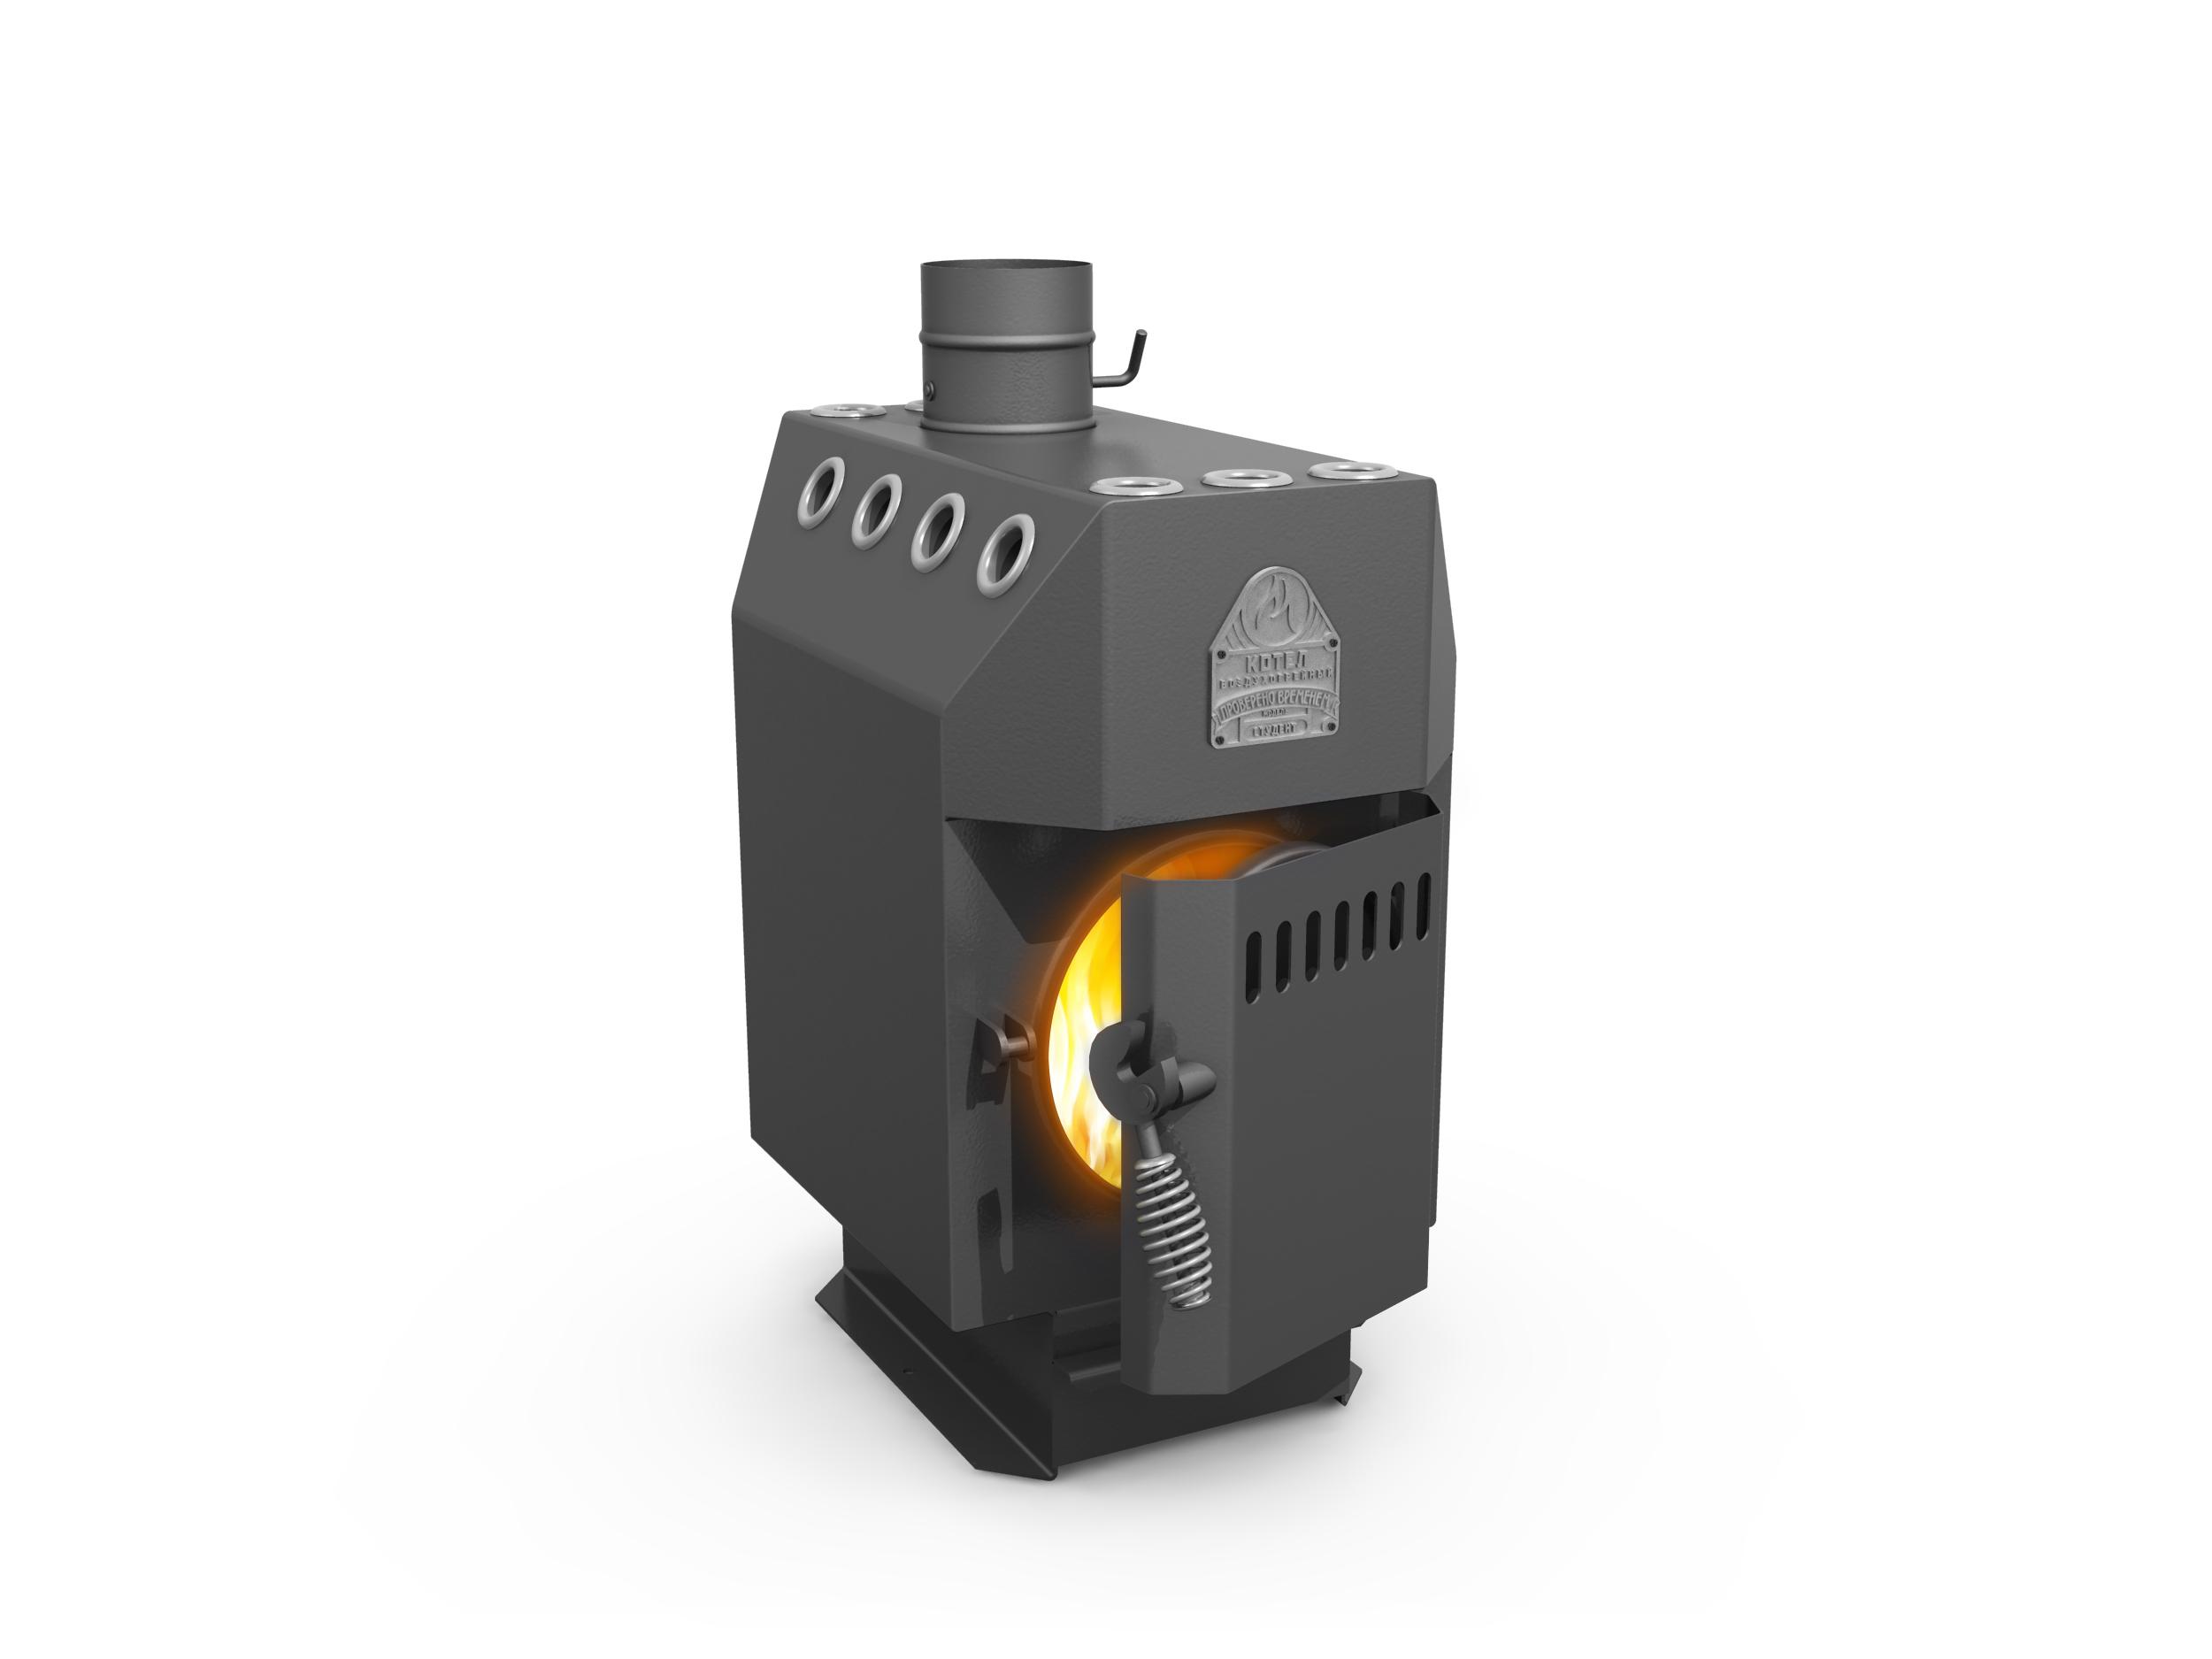 Печи, работающие на угле, достаточно эффективныФОТО: spa-building.com